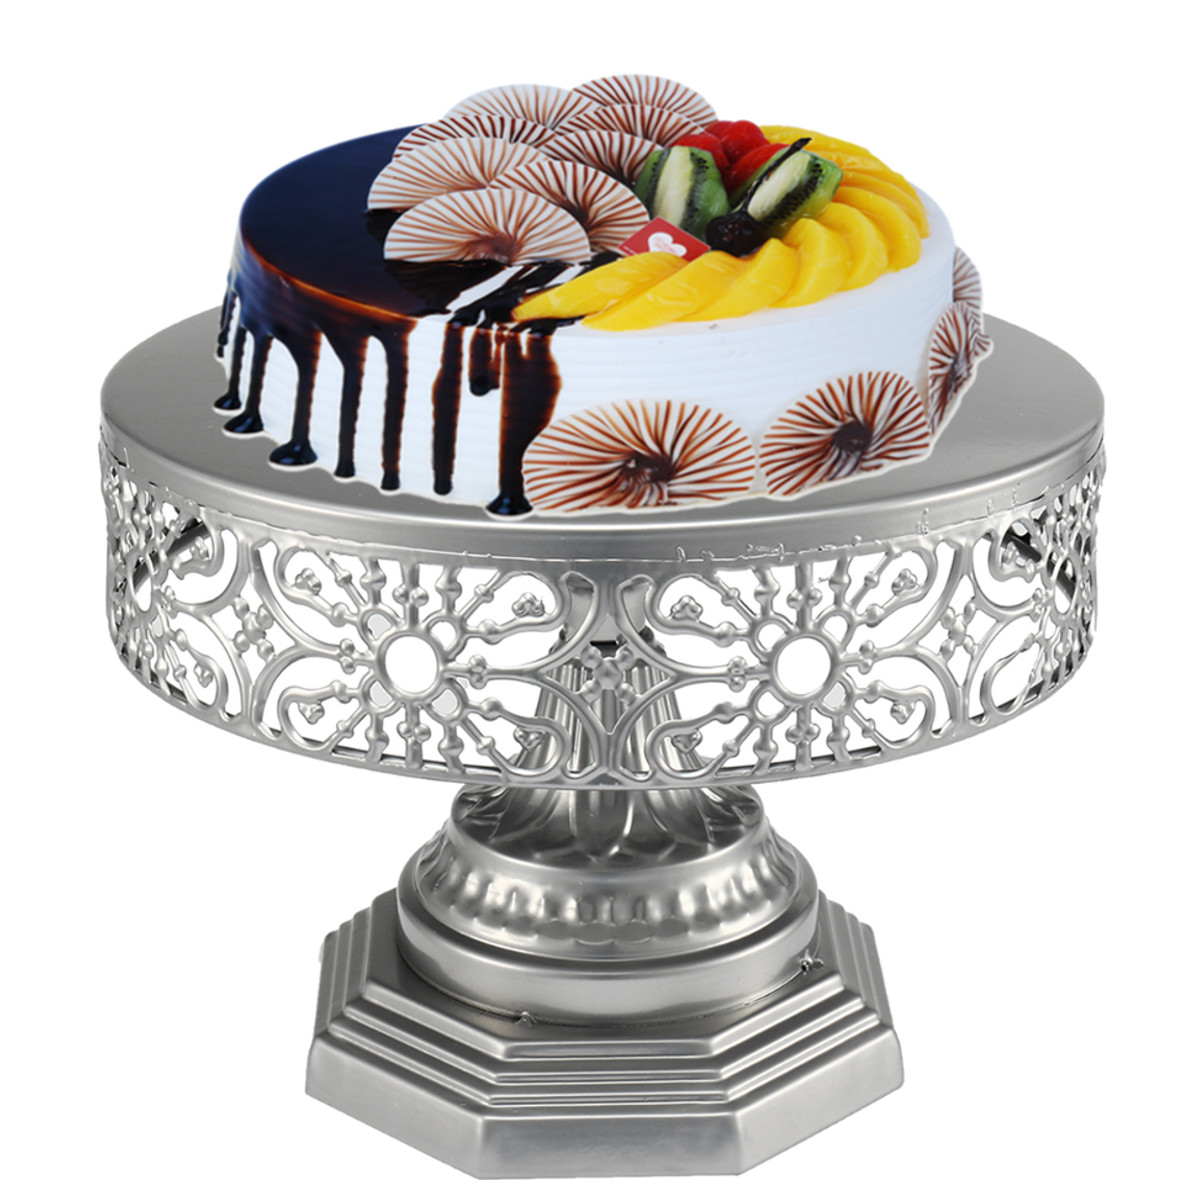 25cm Inch Gold Mirror Surface Wedding Dessert Tray Cake